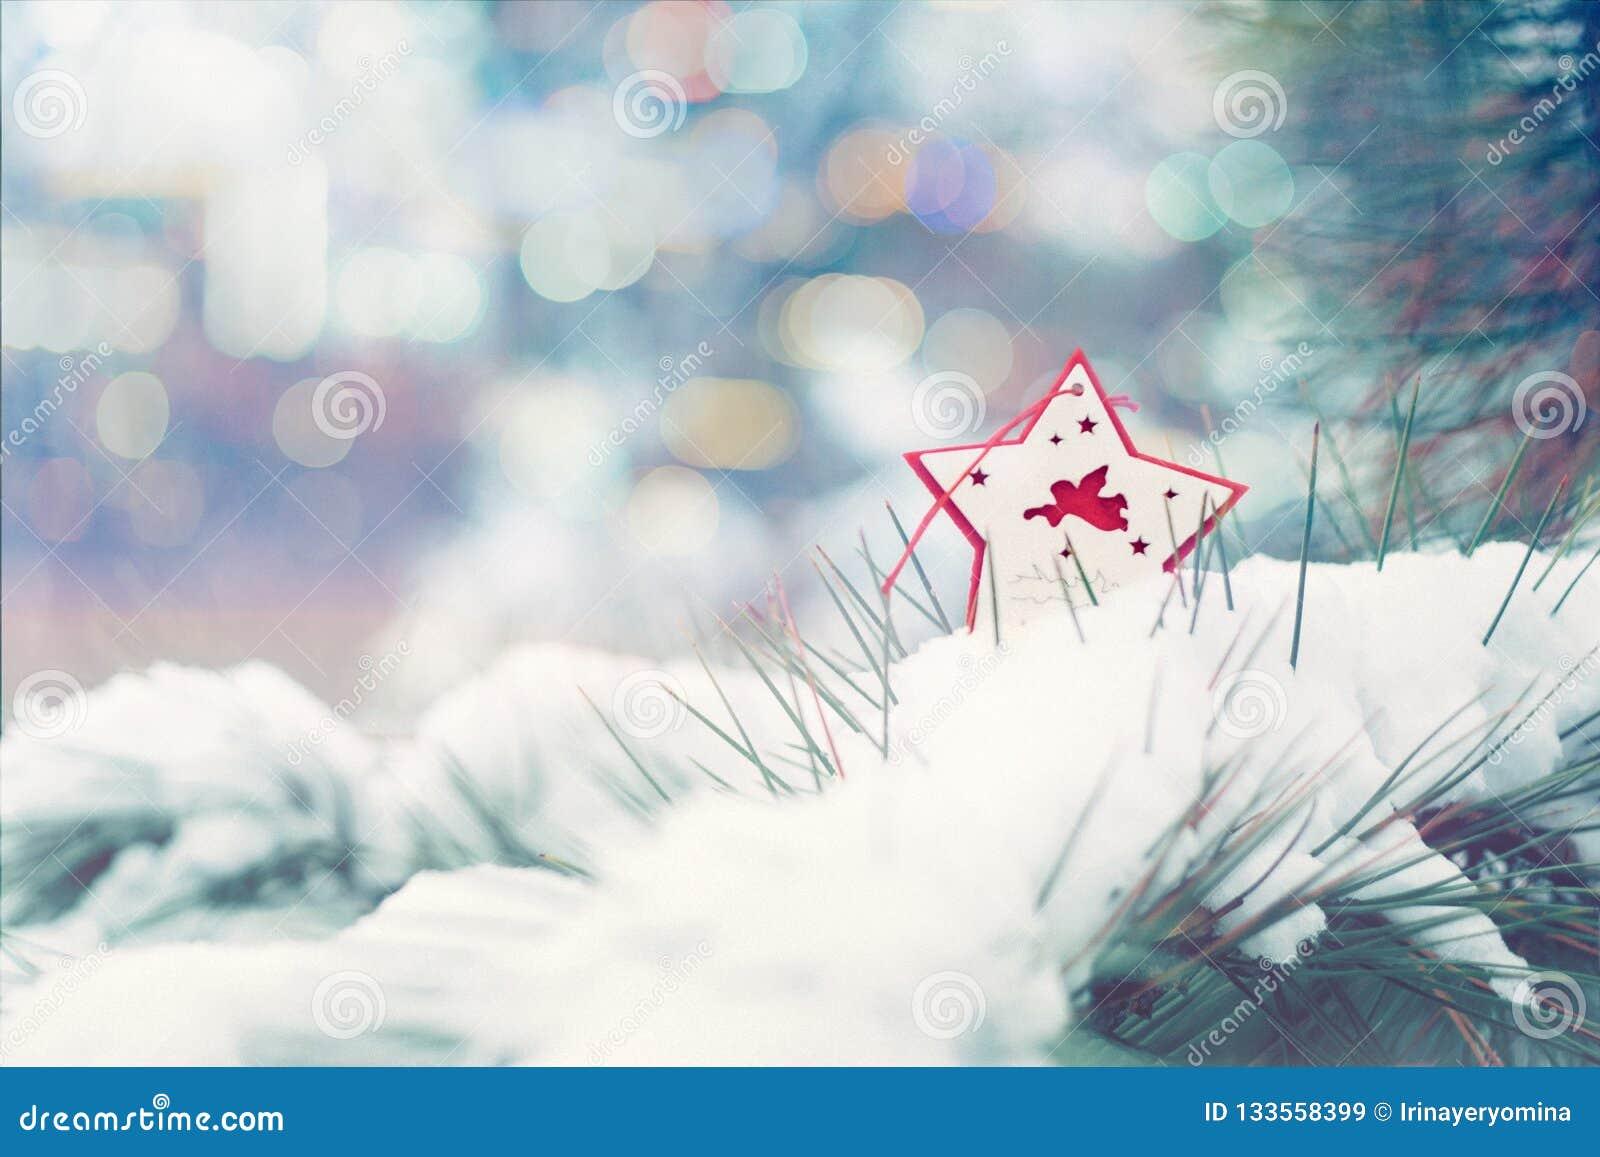 Поздравительная открытка зимнего отдыха рождества Красная звезда с ангелом Xmas на зеленых рождественских елках со снегом